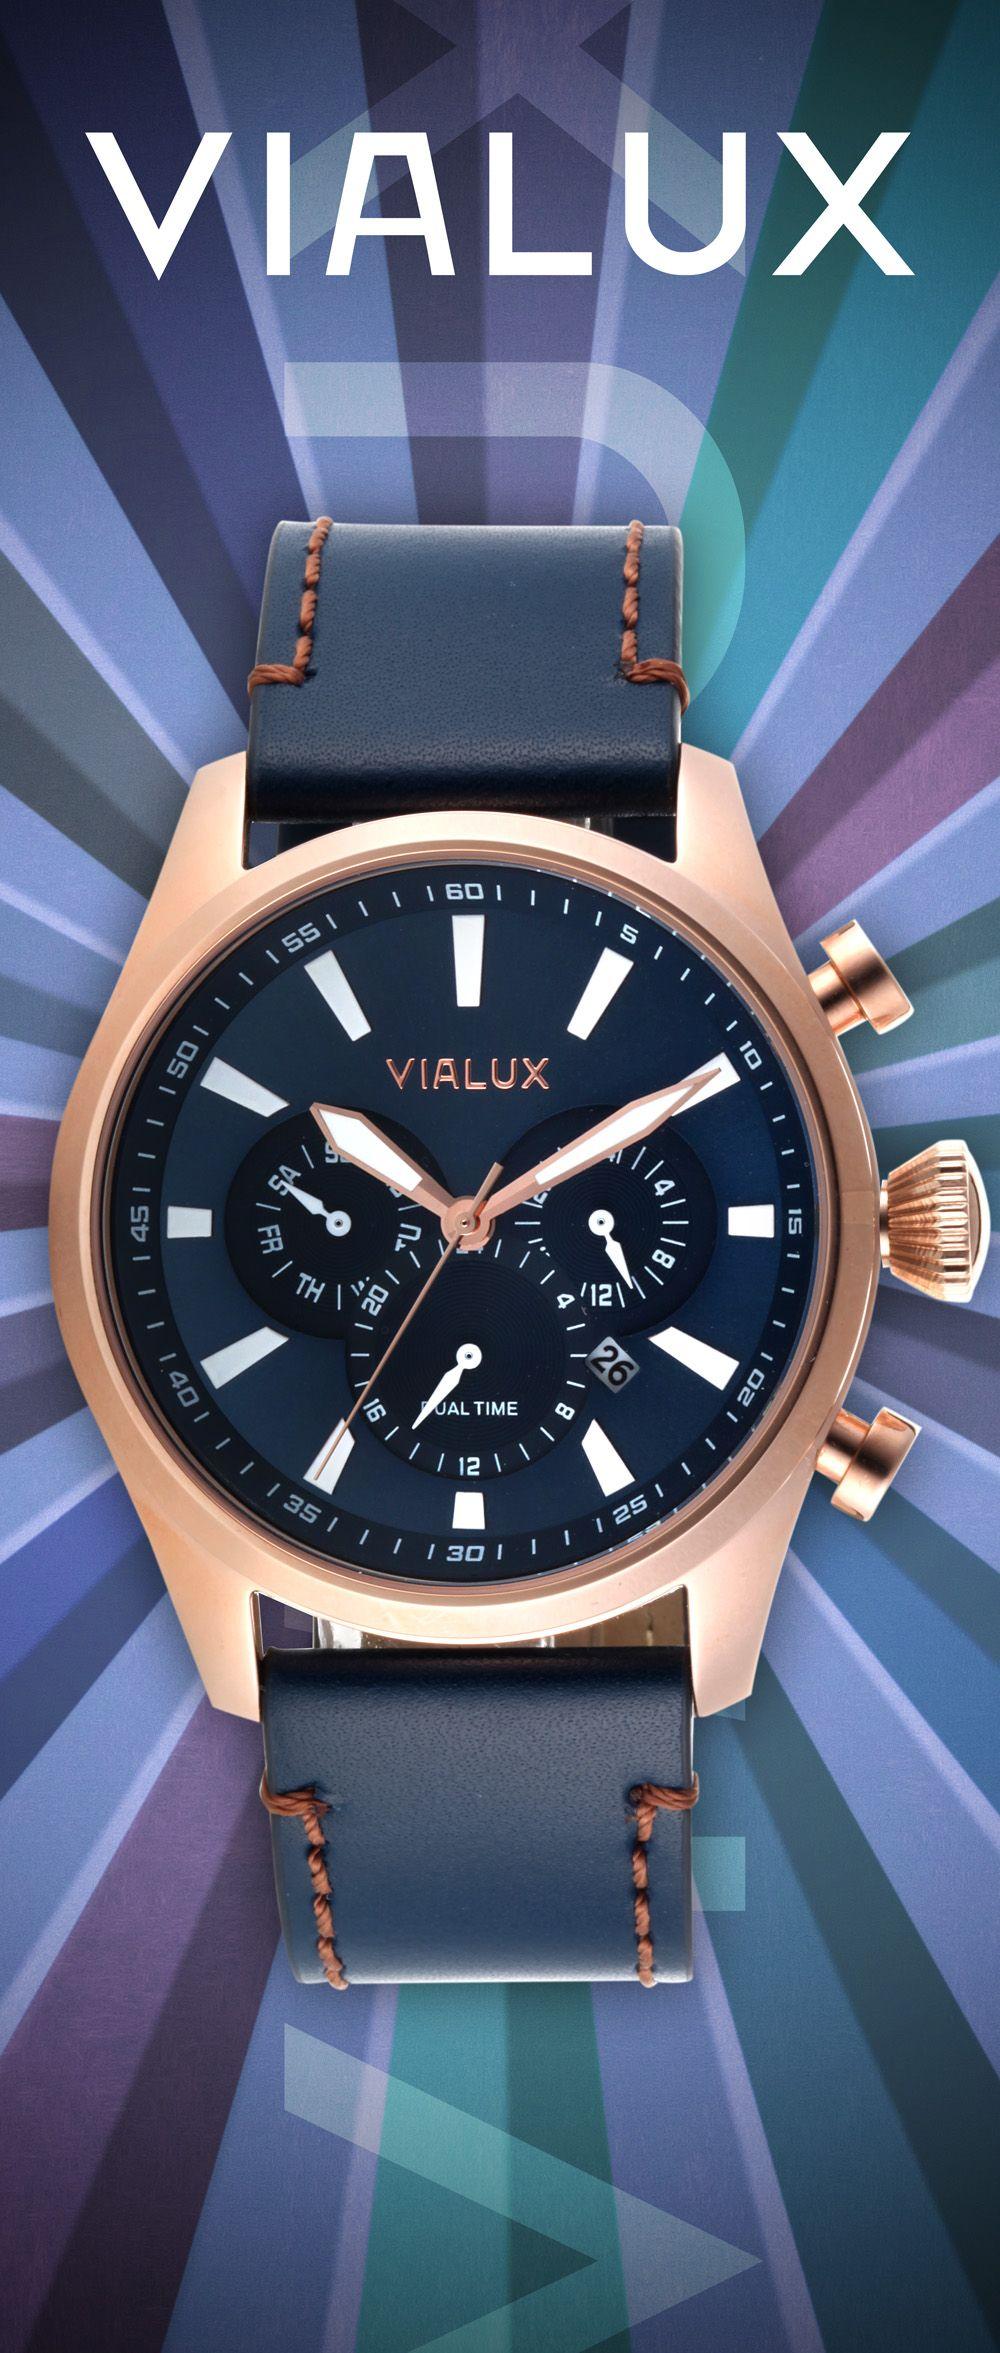 vialux watch